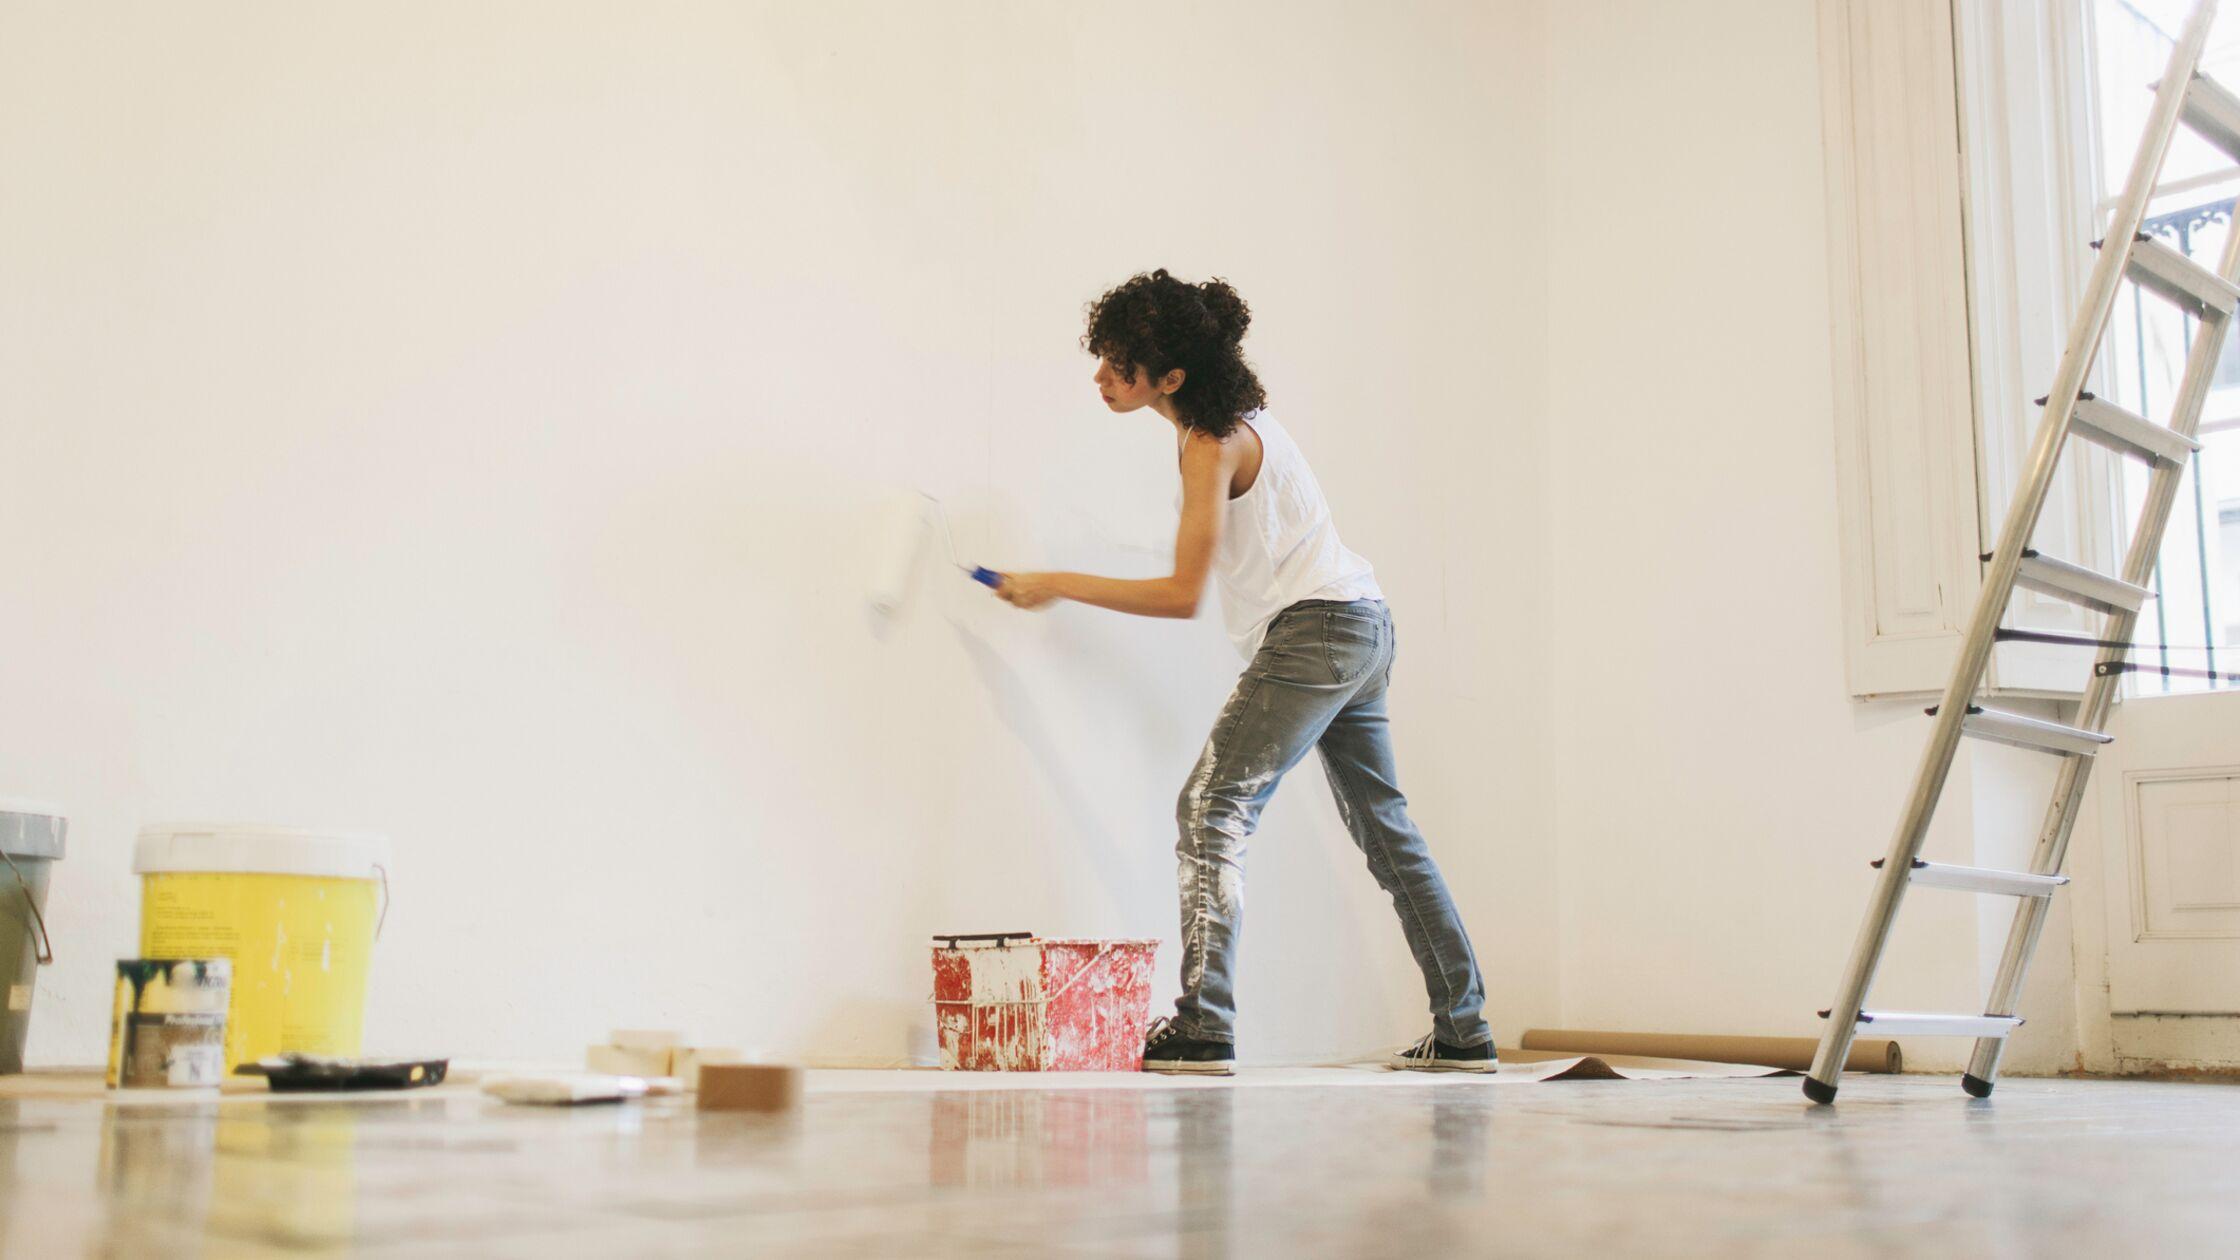 Wohnung Streichen Tipps